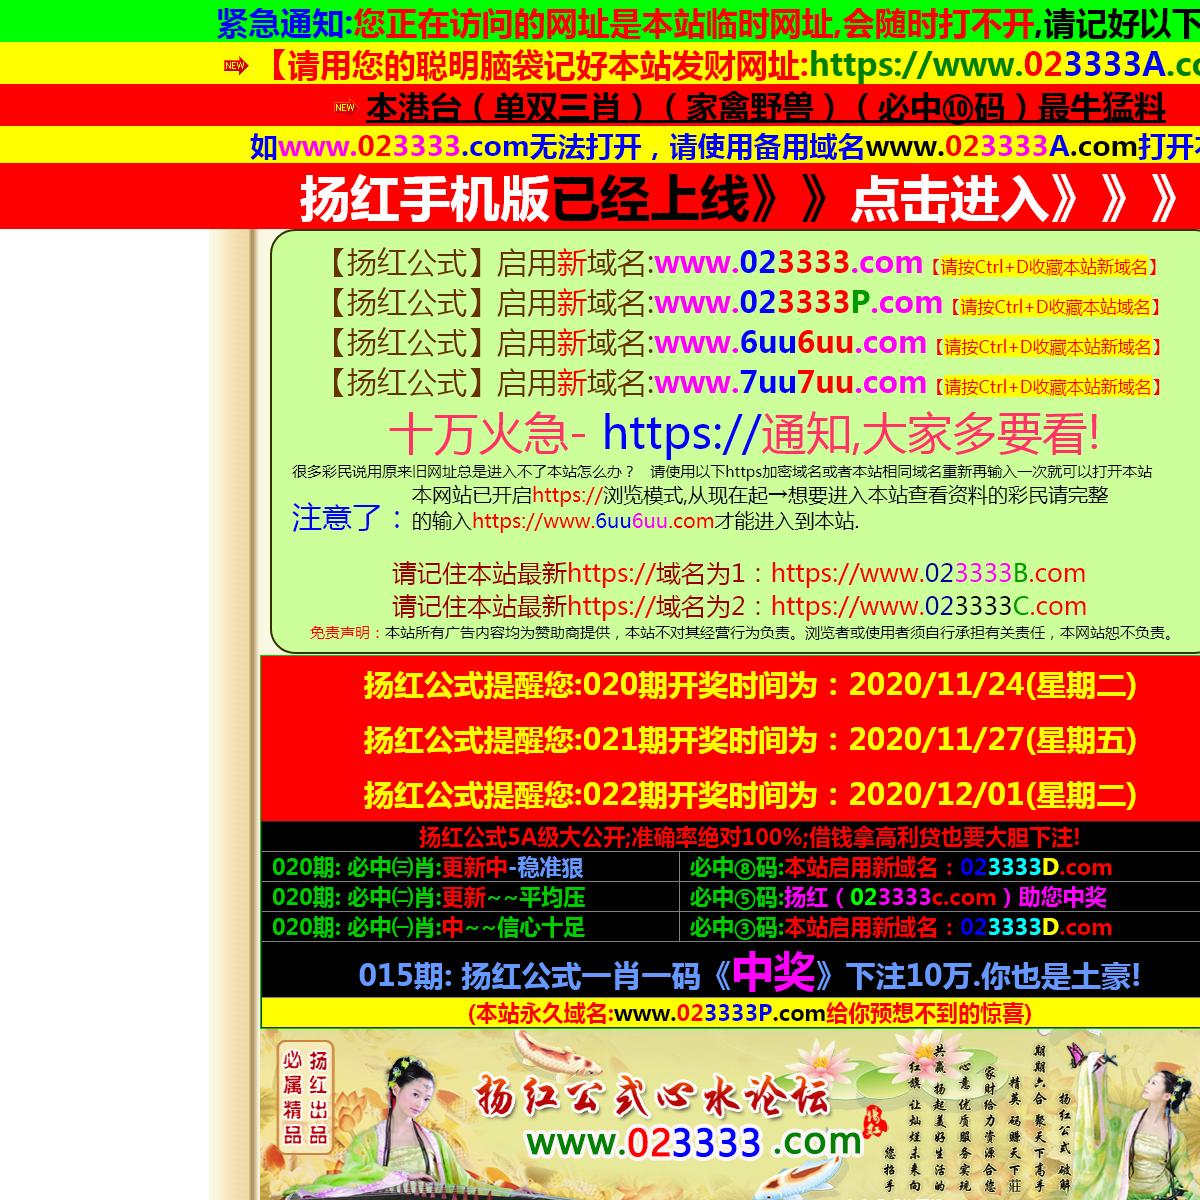 香港挂牌,香港挂牌资料最快更新,香港挂牌资料最快更新